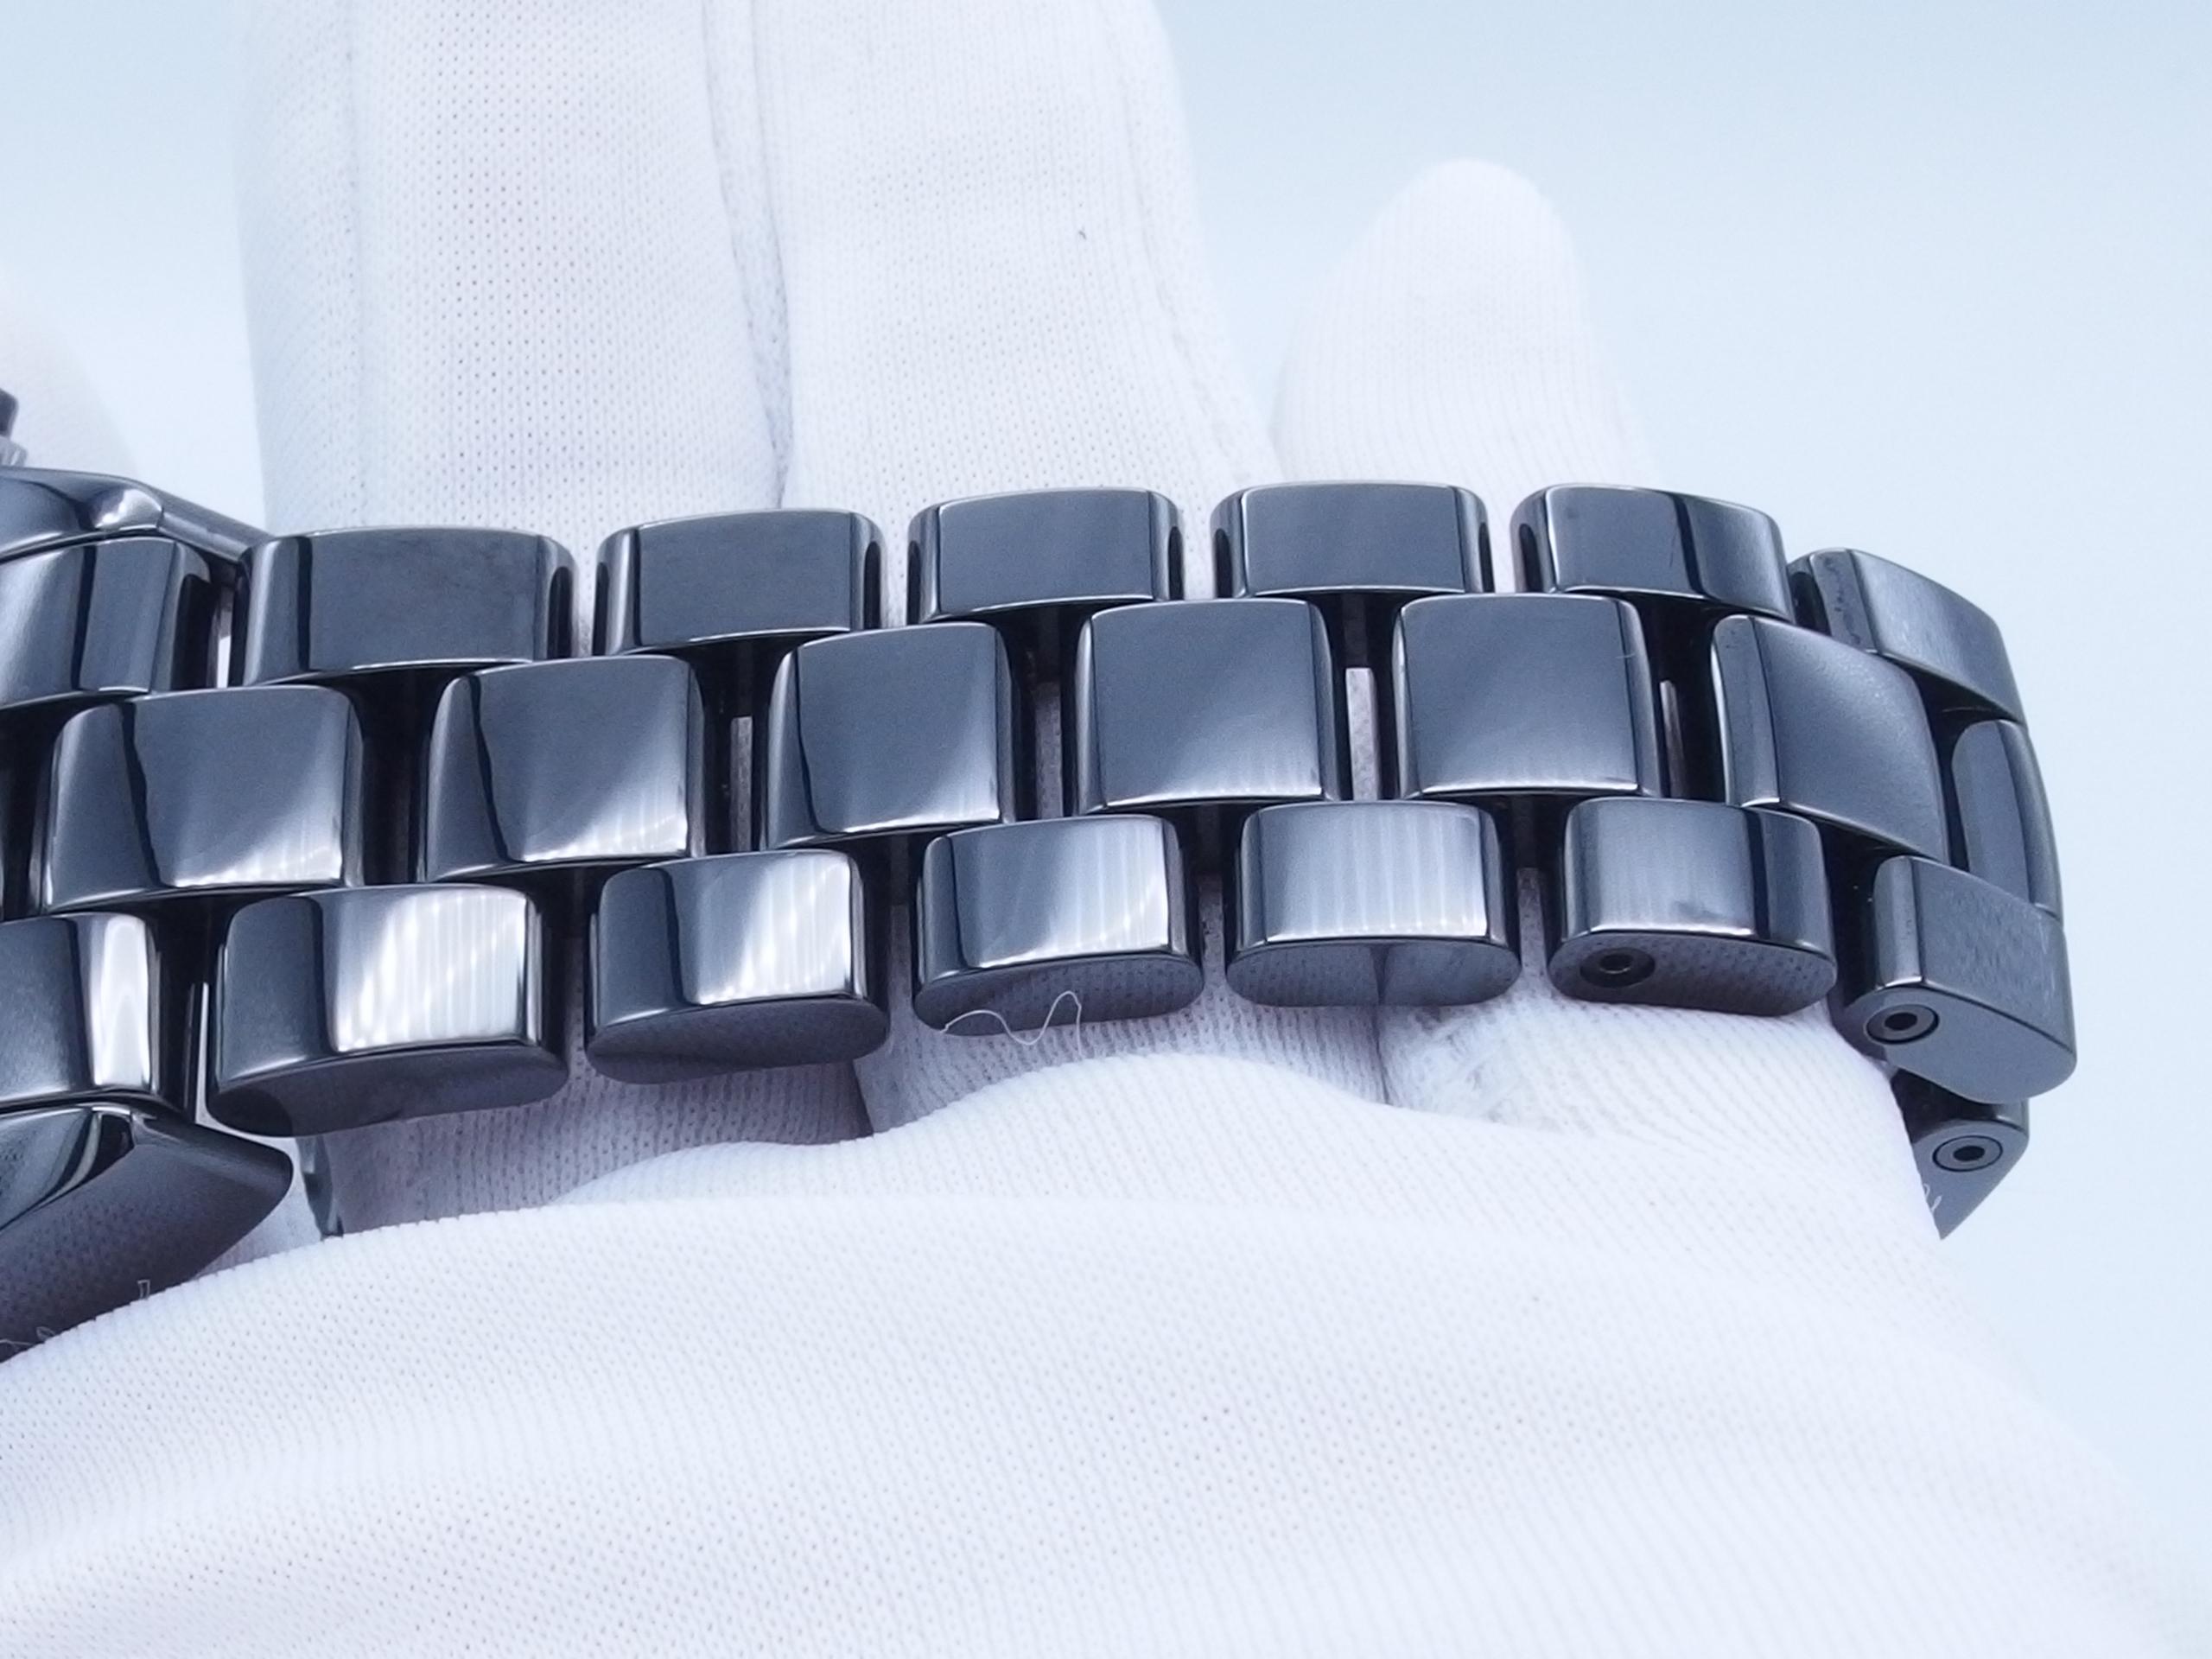 CHANEL シャネル J12 クロノ H0940 CE 自動巻き ブラック【432】 image number 5